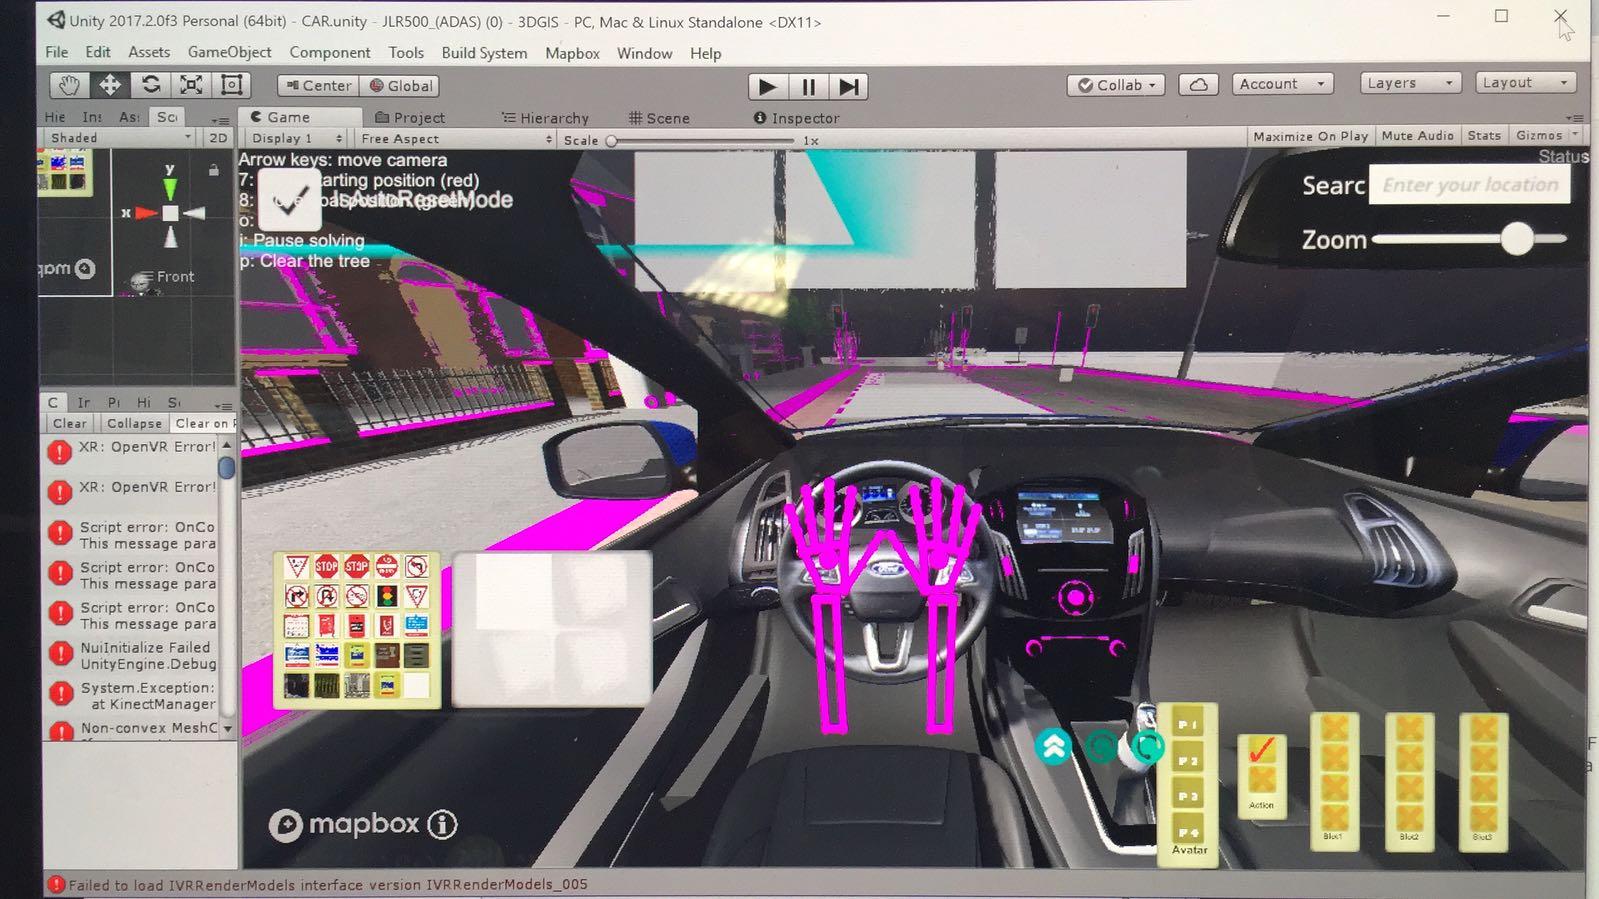 ADAS 3D Map